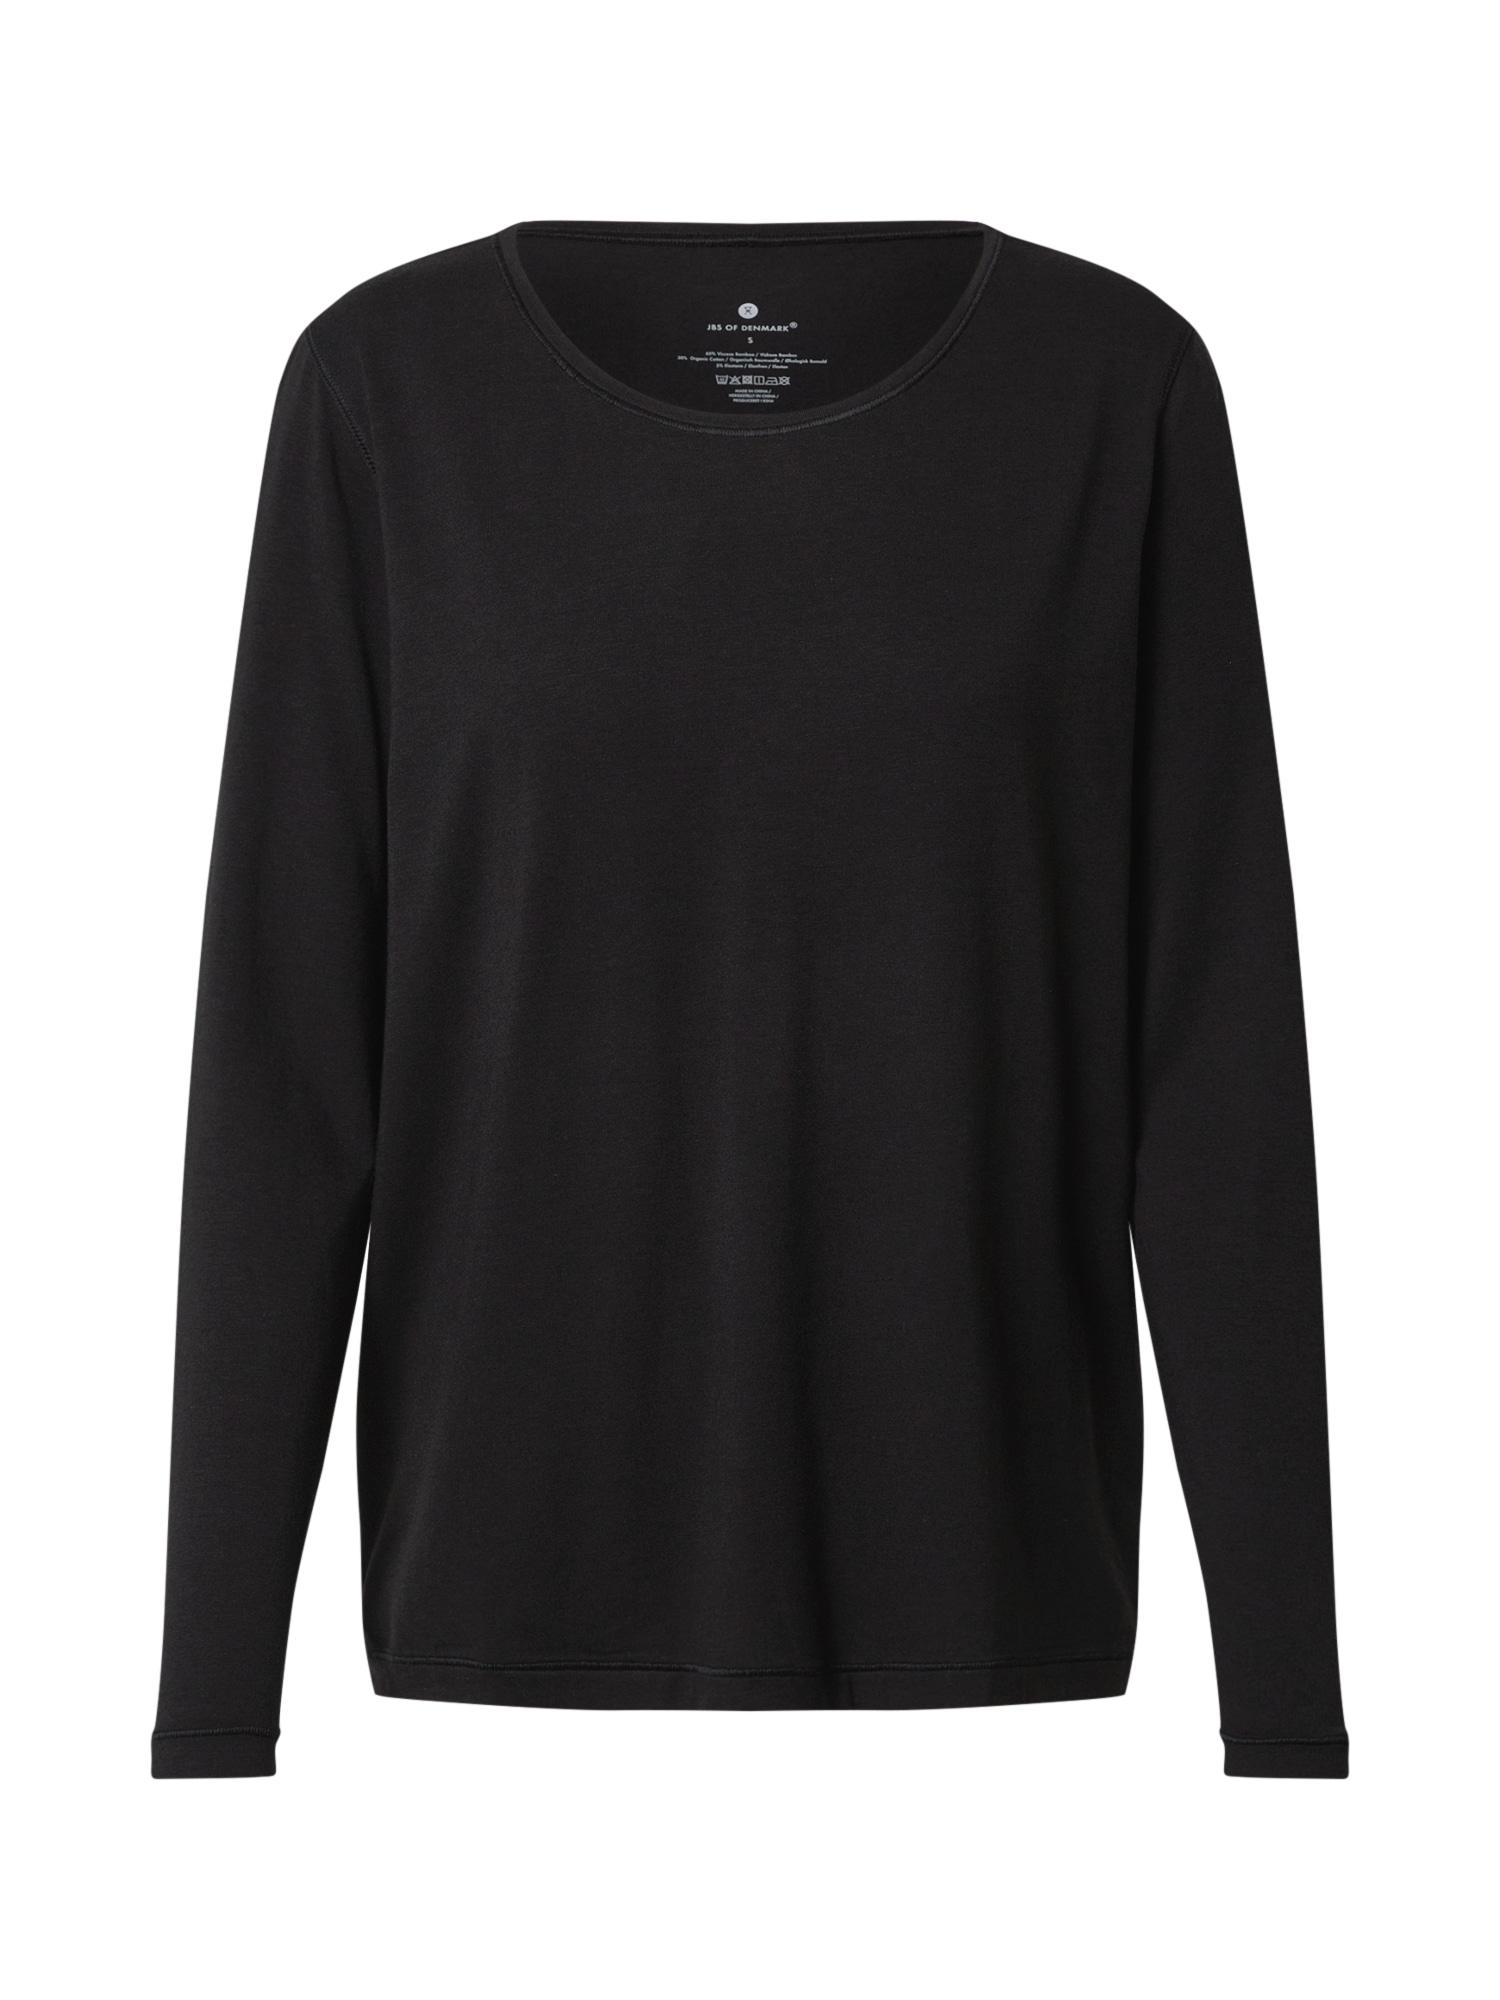 JBS OF DENMARK Pižaminiai marškinėliai juoda